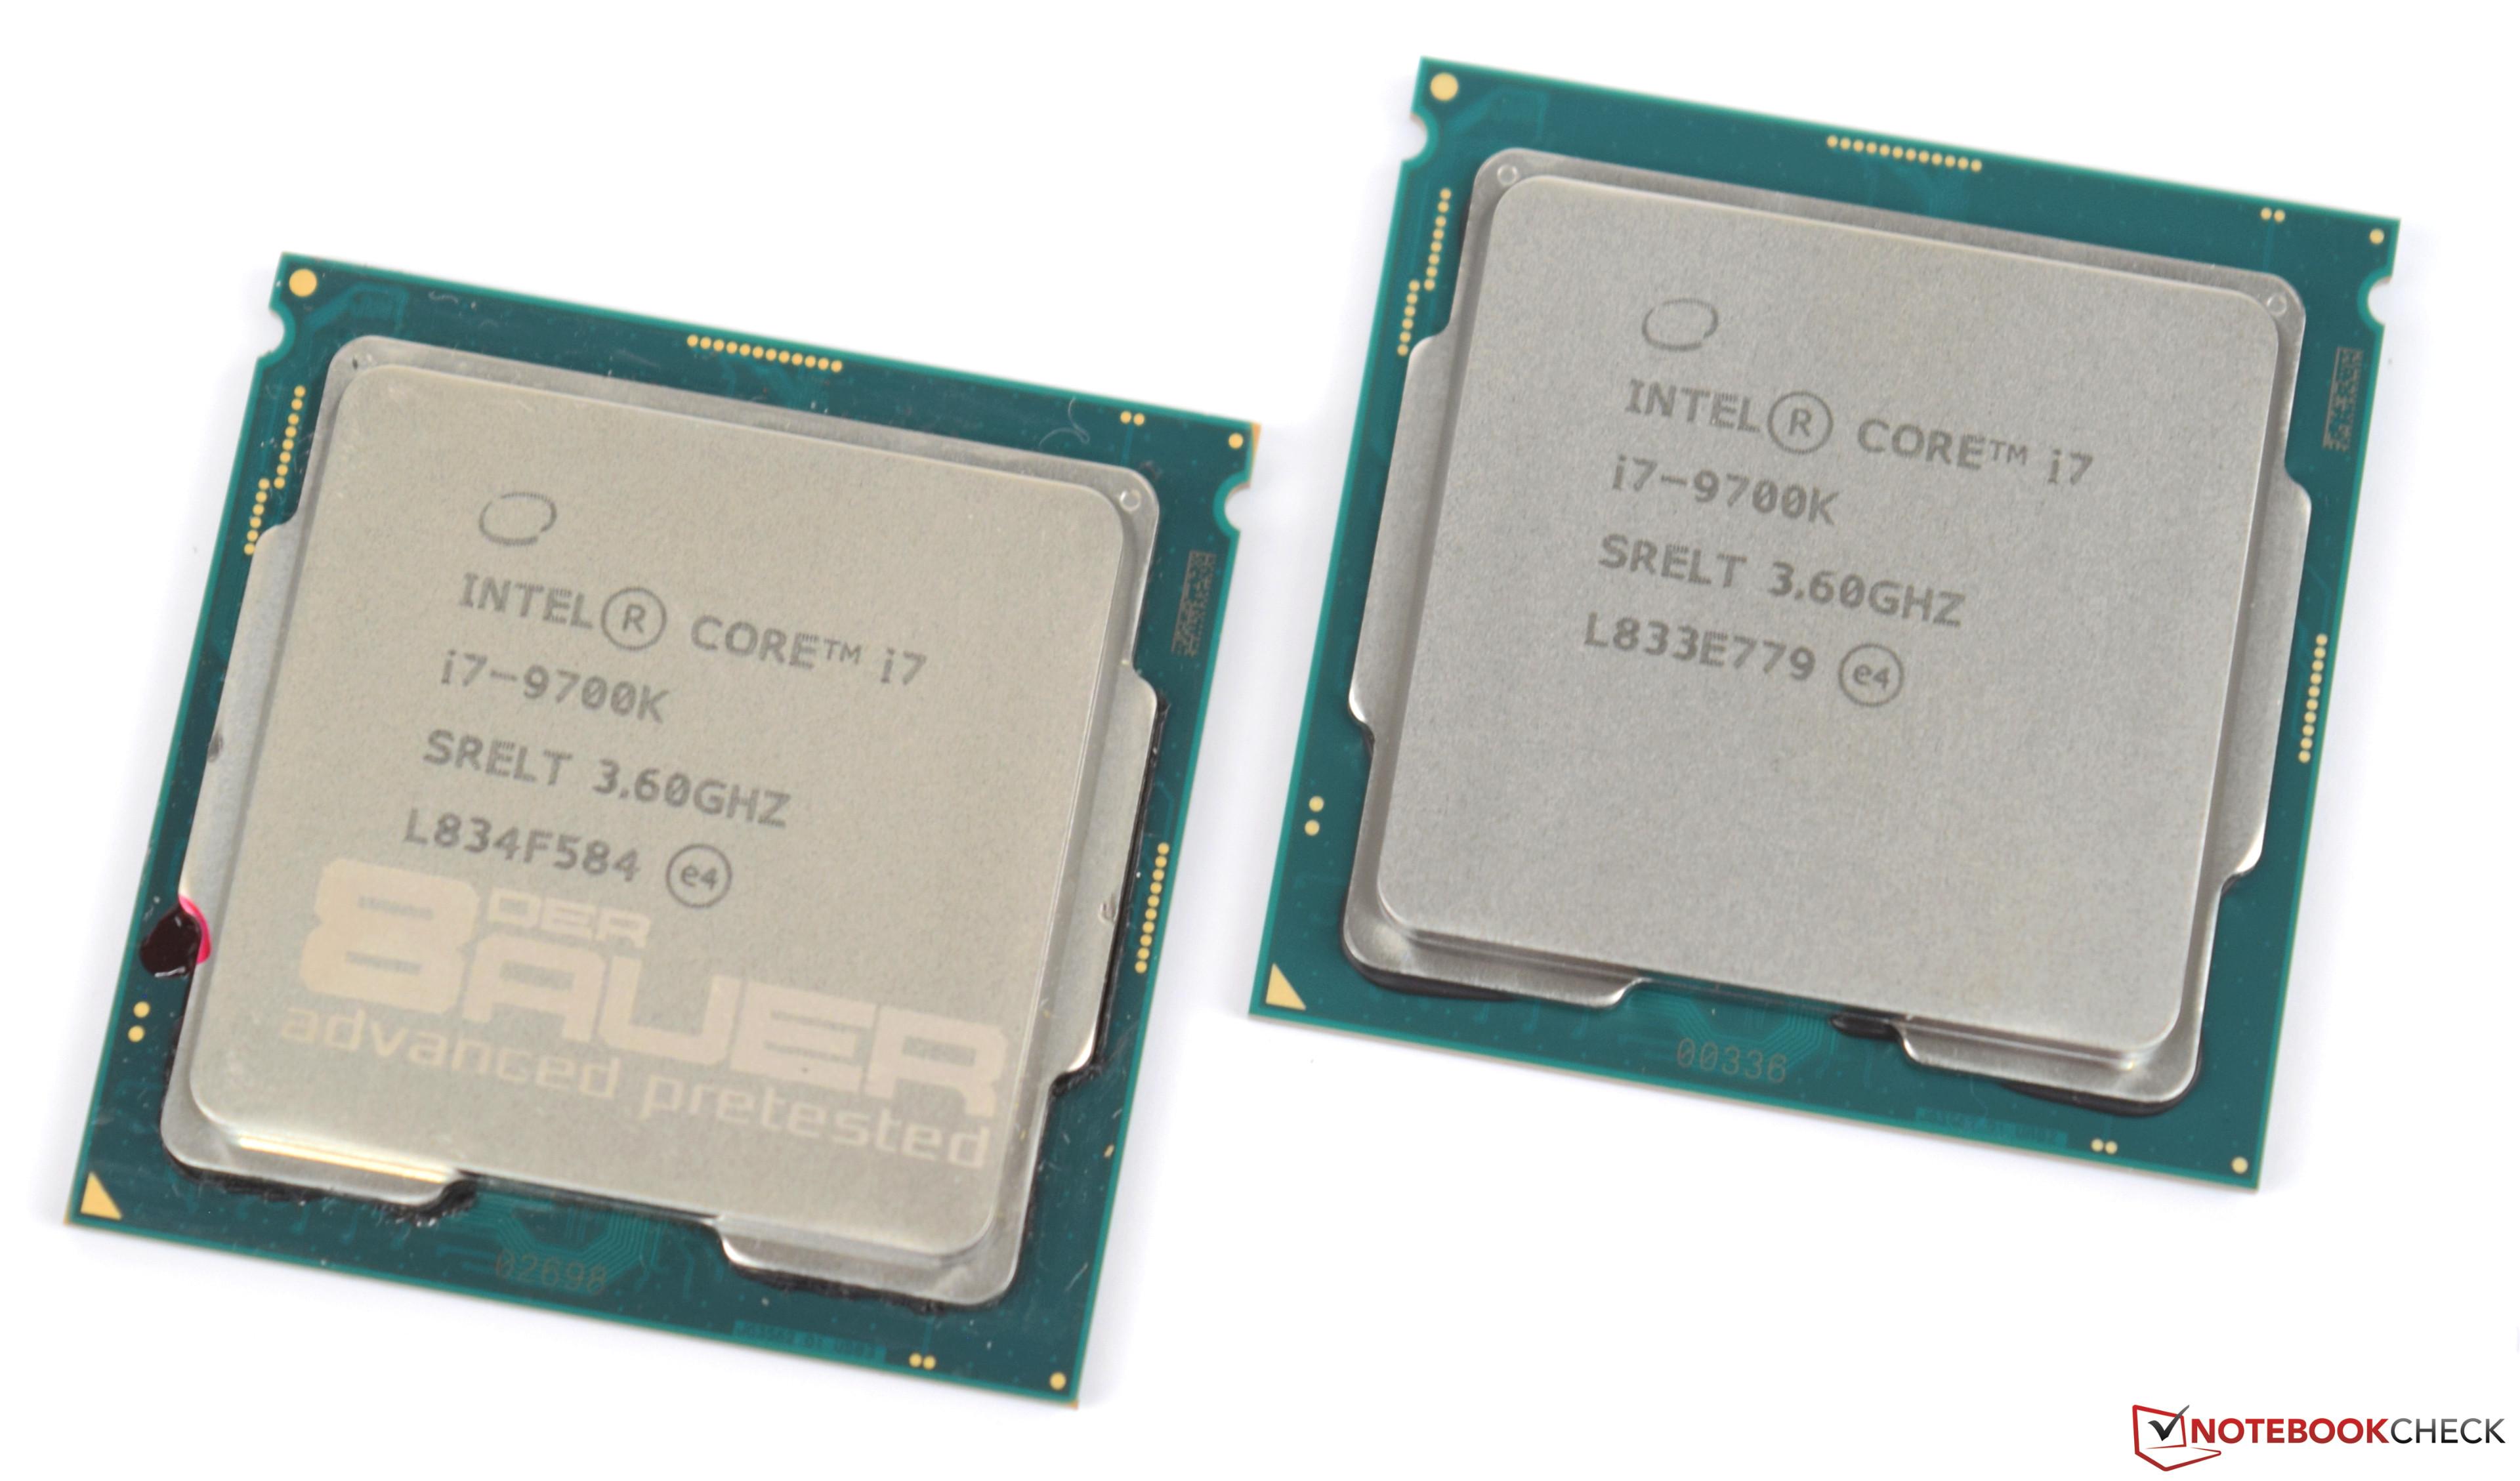 Intel Core i7-9700K Desktop CPU Review - NotebookCheck net